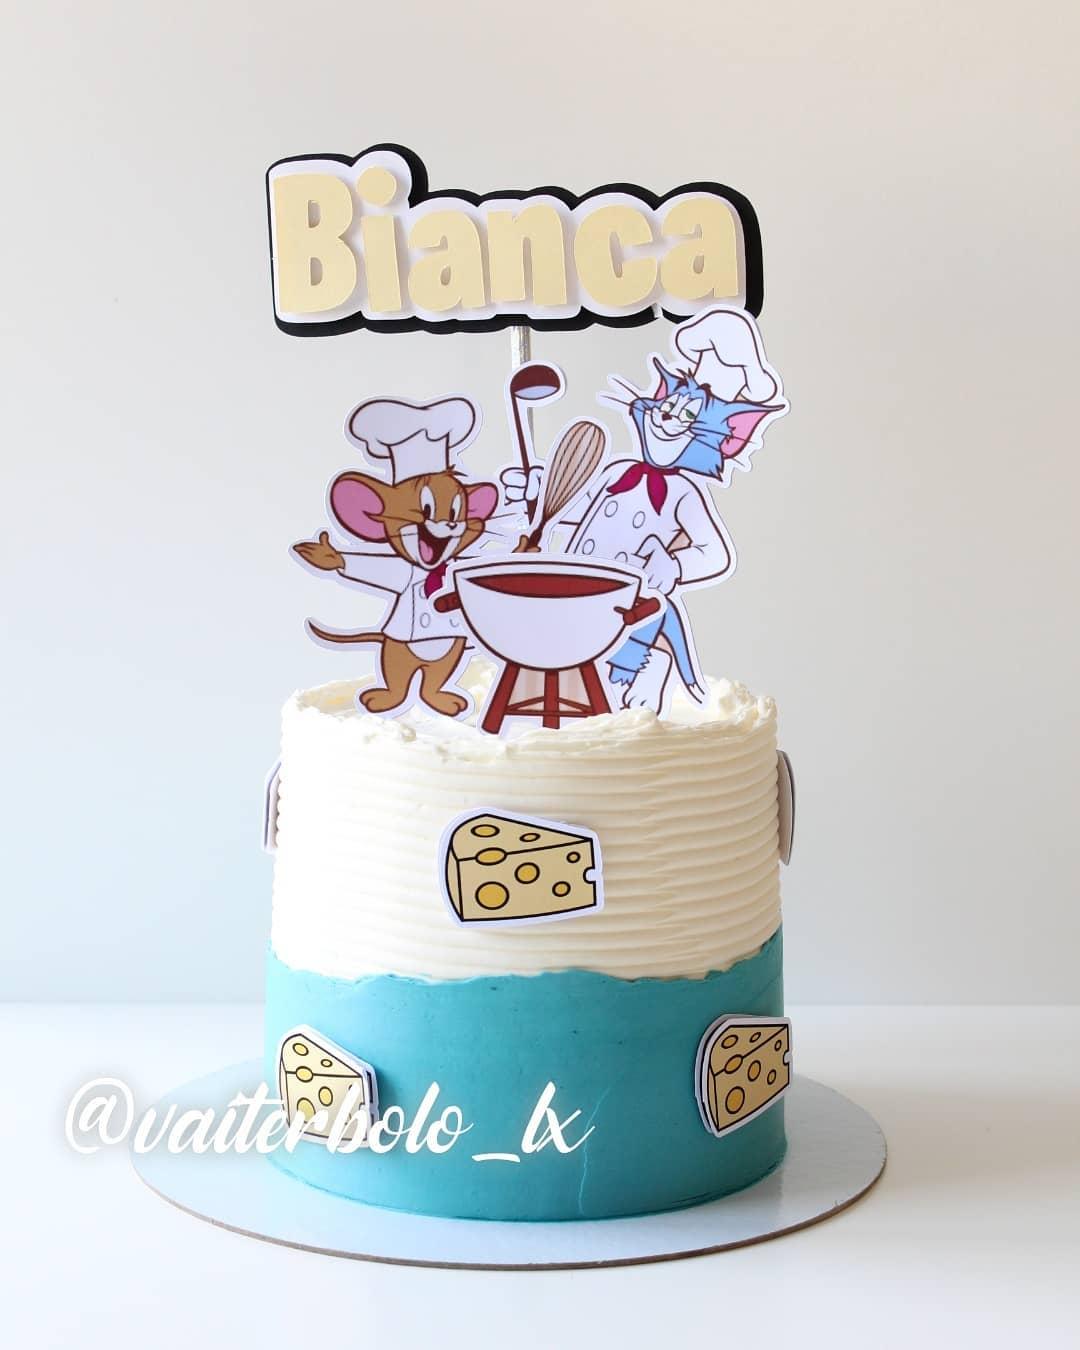 Tenho certeza que o Tom & Jerry fez a alegria de muitos aqui na infância. E foi lindo fazer esse composto para alegrar o início do novo ciclo da Bianca 🥰Papelaria: @presentepequeno..#vaiterbolohoje #almada #bolodecorado #buttercreamcake #birthdaycake #vaiterbolo #vaiterbolosim #bolo #cake #lisboapontocome #cakeart #lisboafood #buttercream #cakedesign #lisboa #ilovelisboa #cakedecorating #vaiterbololindo